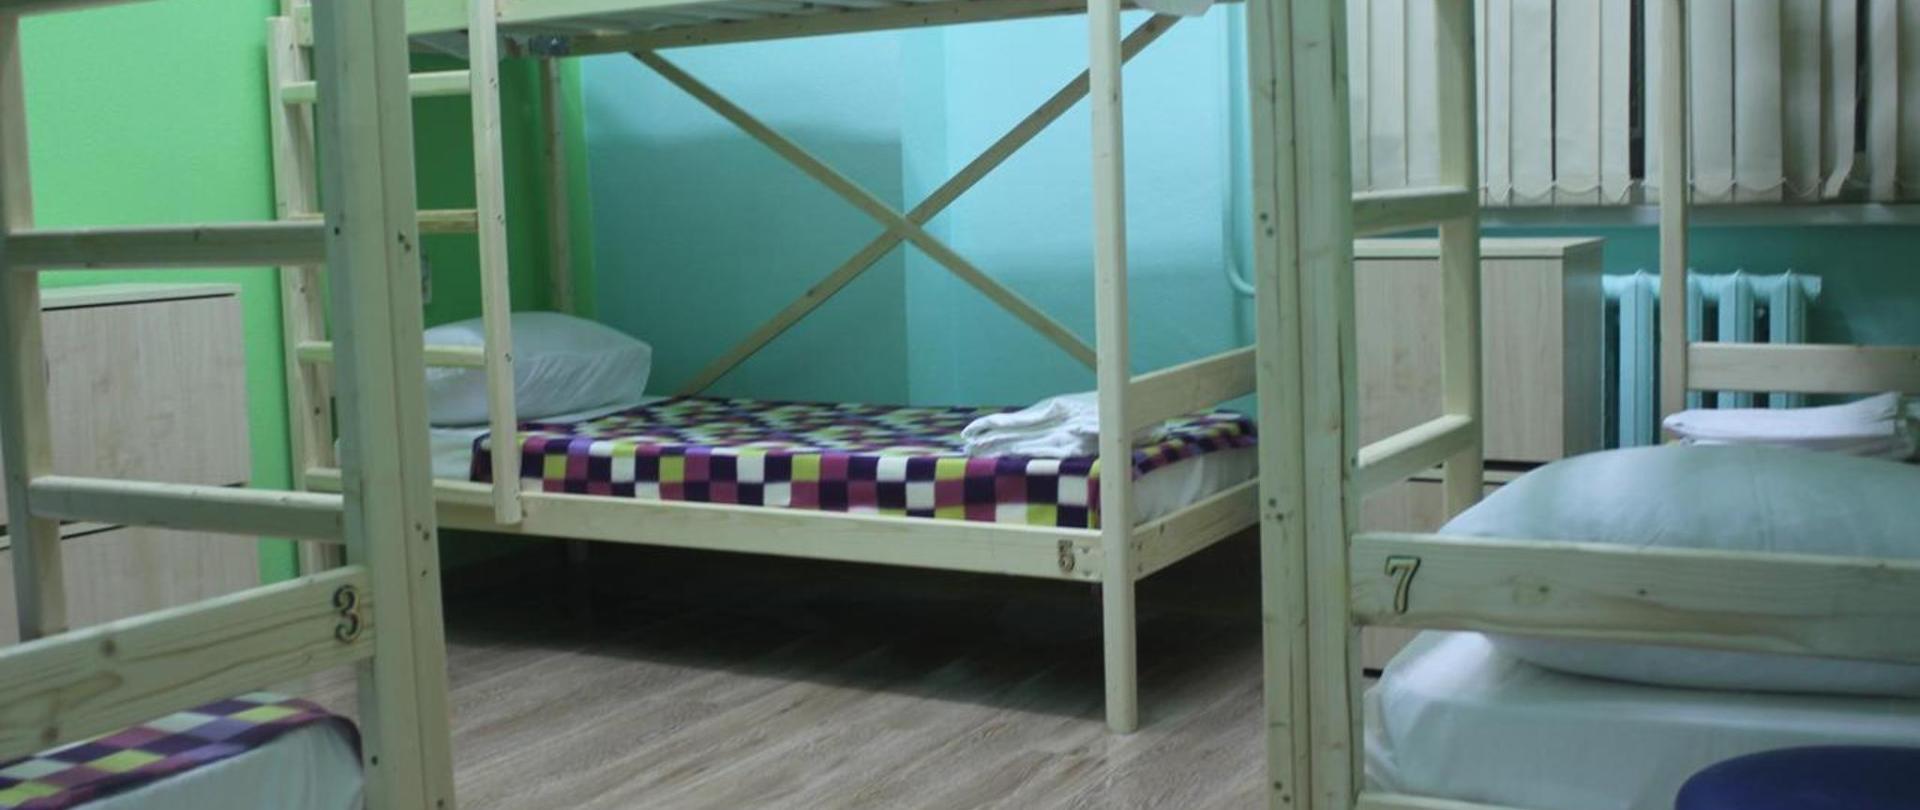 Хостел Sochi Stars в Адлере - спальное место в номере